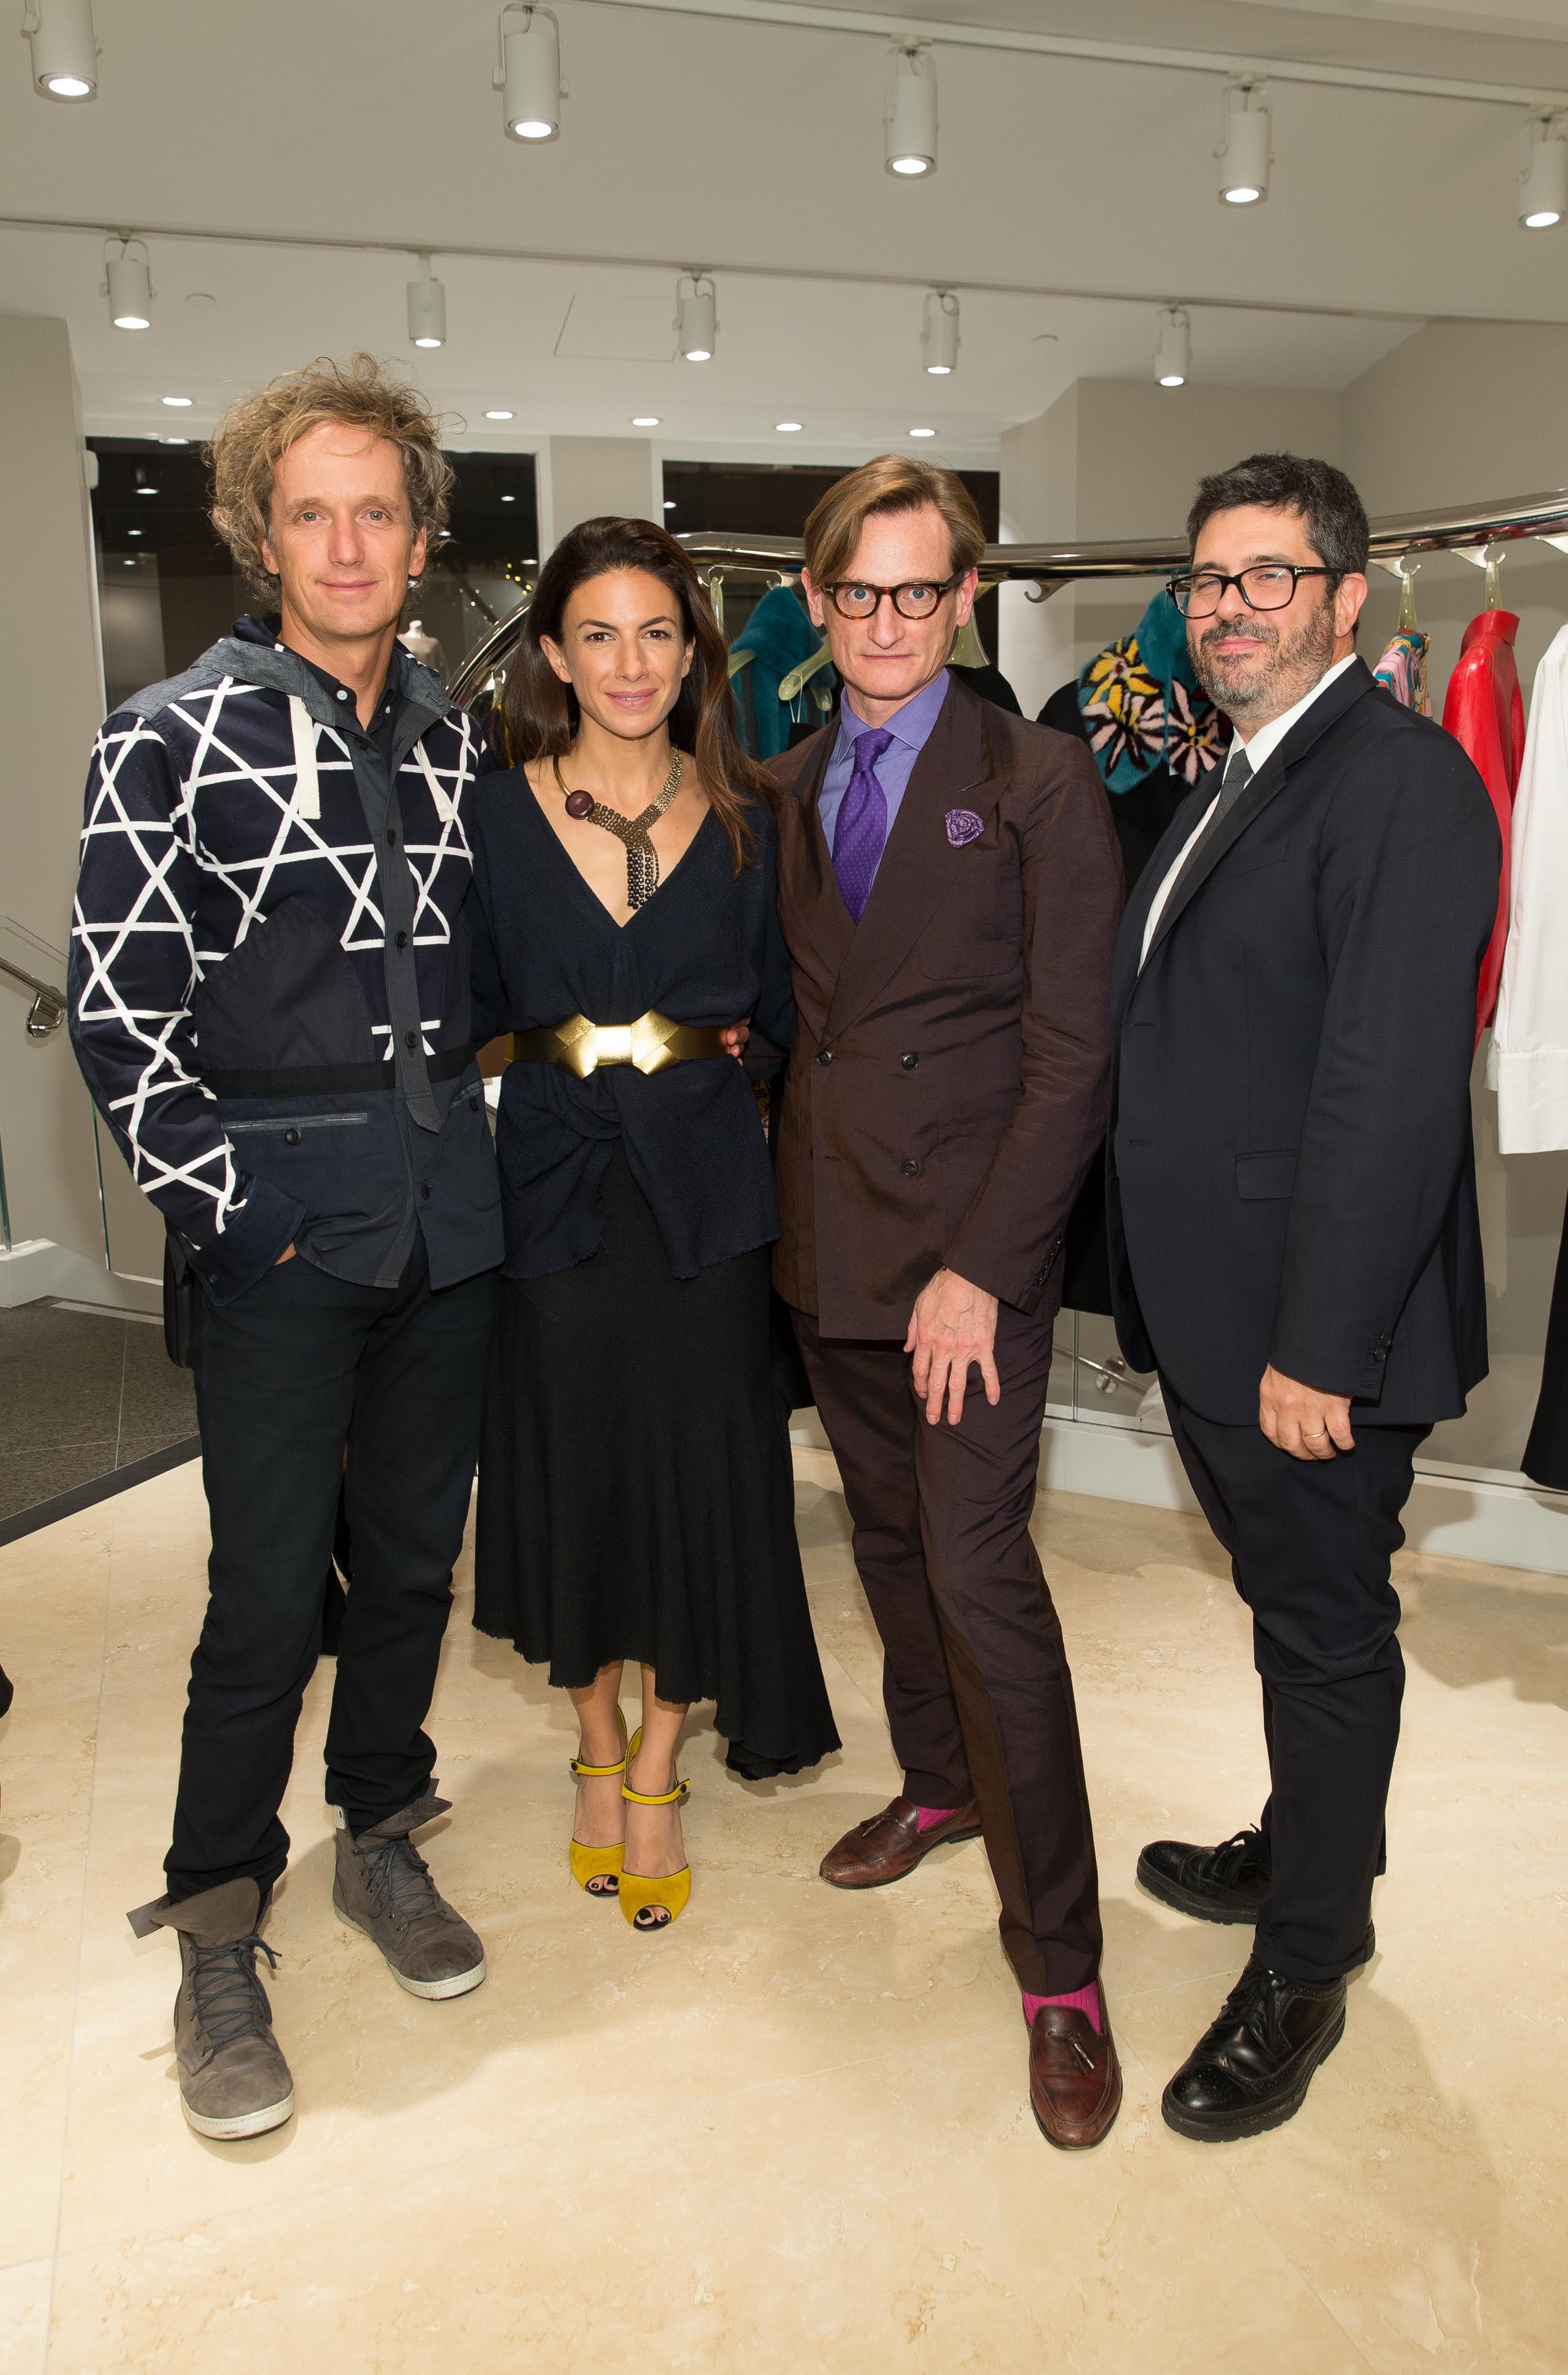 Yves Behar, Sabrina Buell ,  Hamish Bowles ,  Andrea Baldo. Photo Drew Altizer.